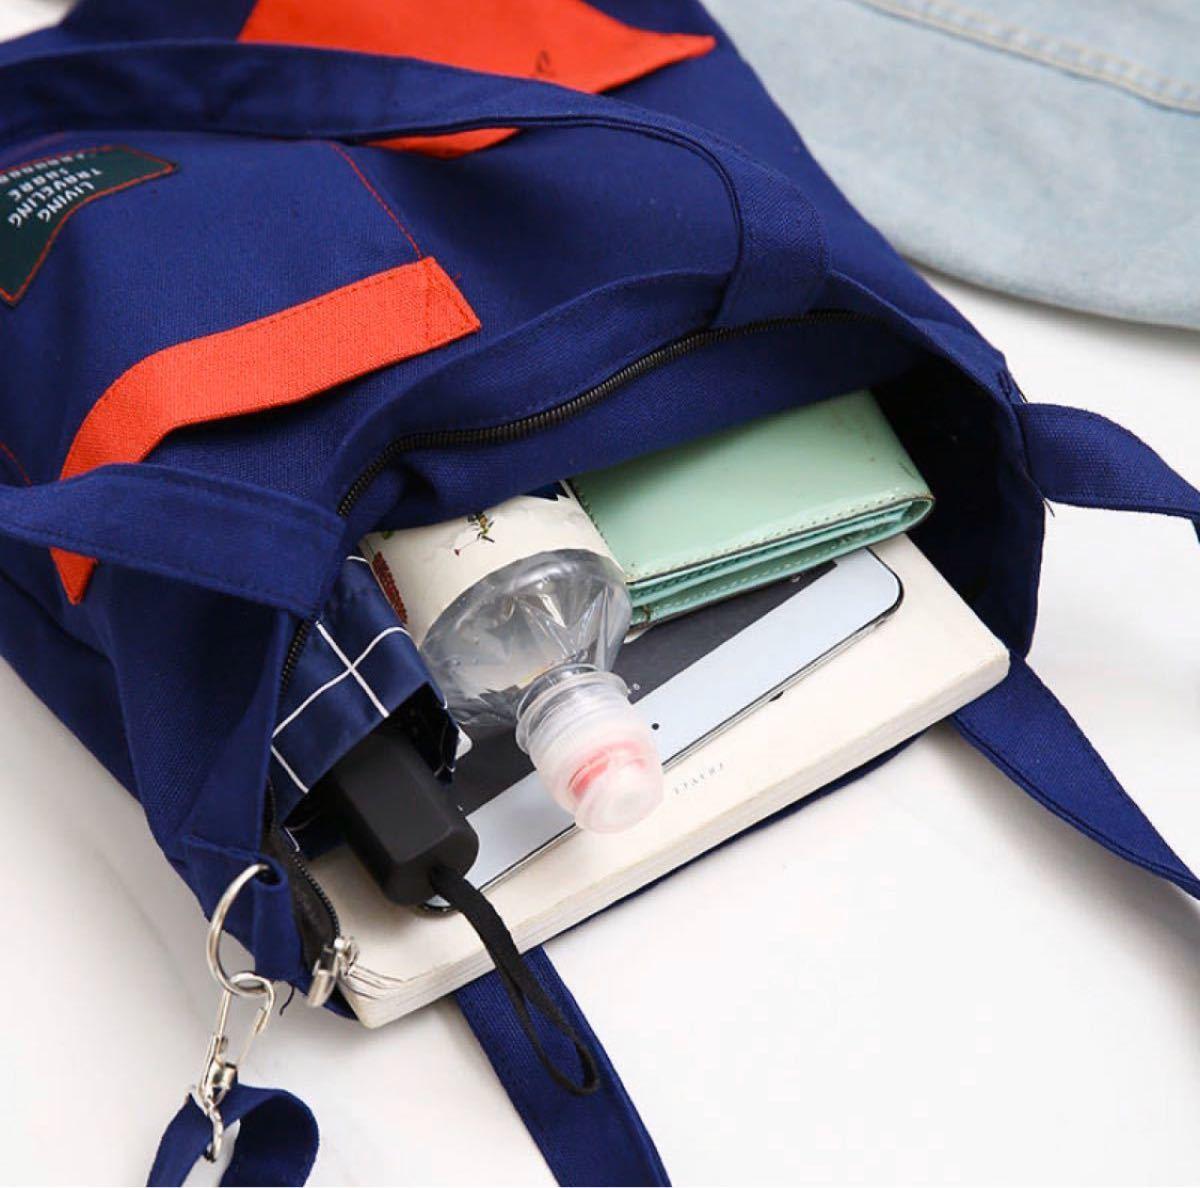 トートバッグ ショルダーバッグ ロゴ 大容量 キャンバス エコバッグ ブルー 男女兼用